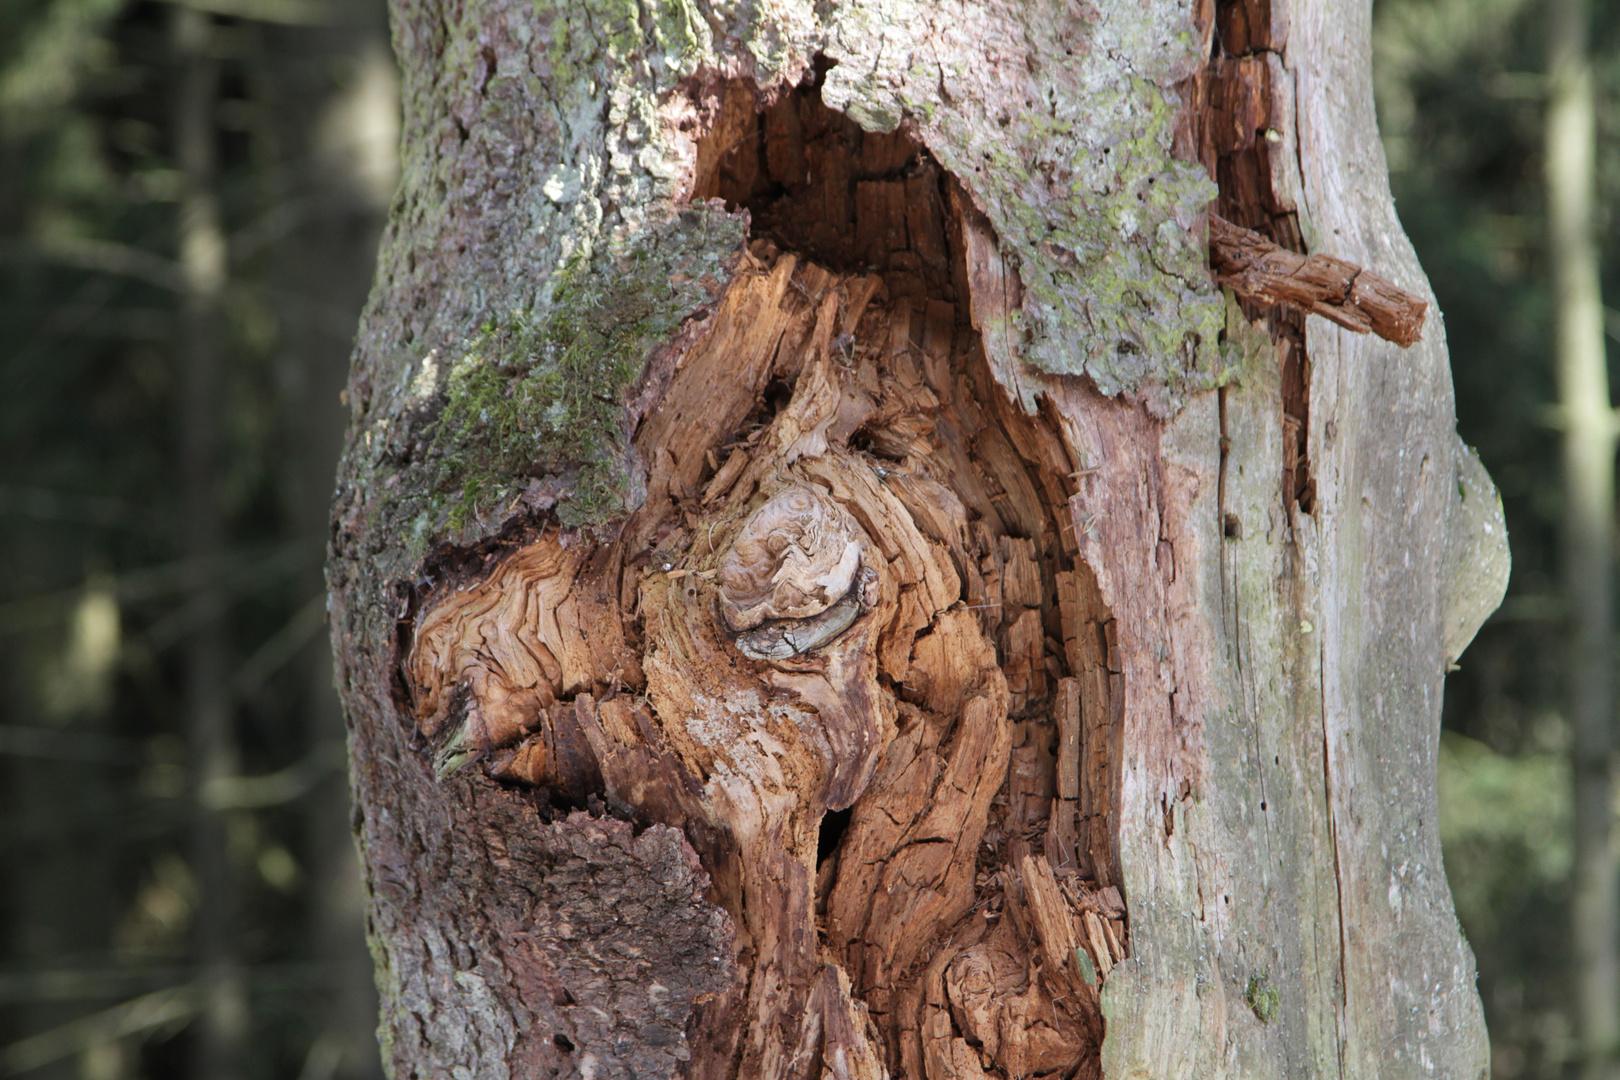 das Tier im Baum